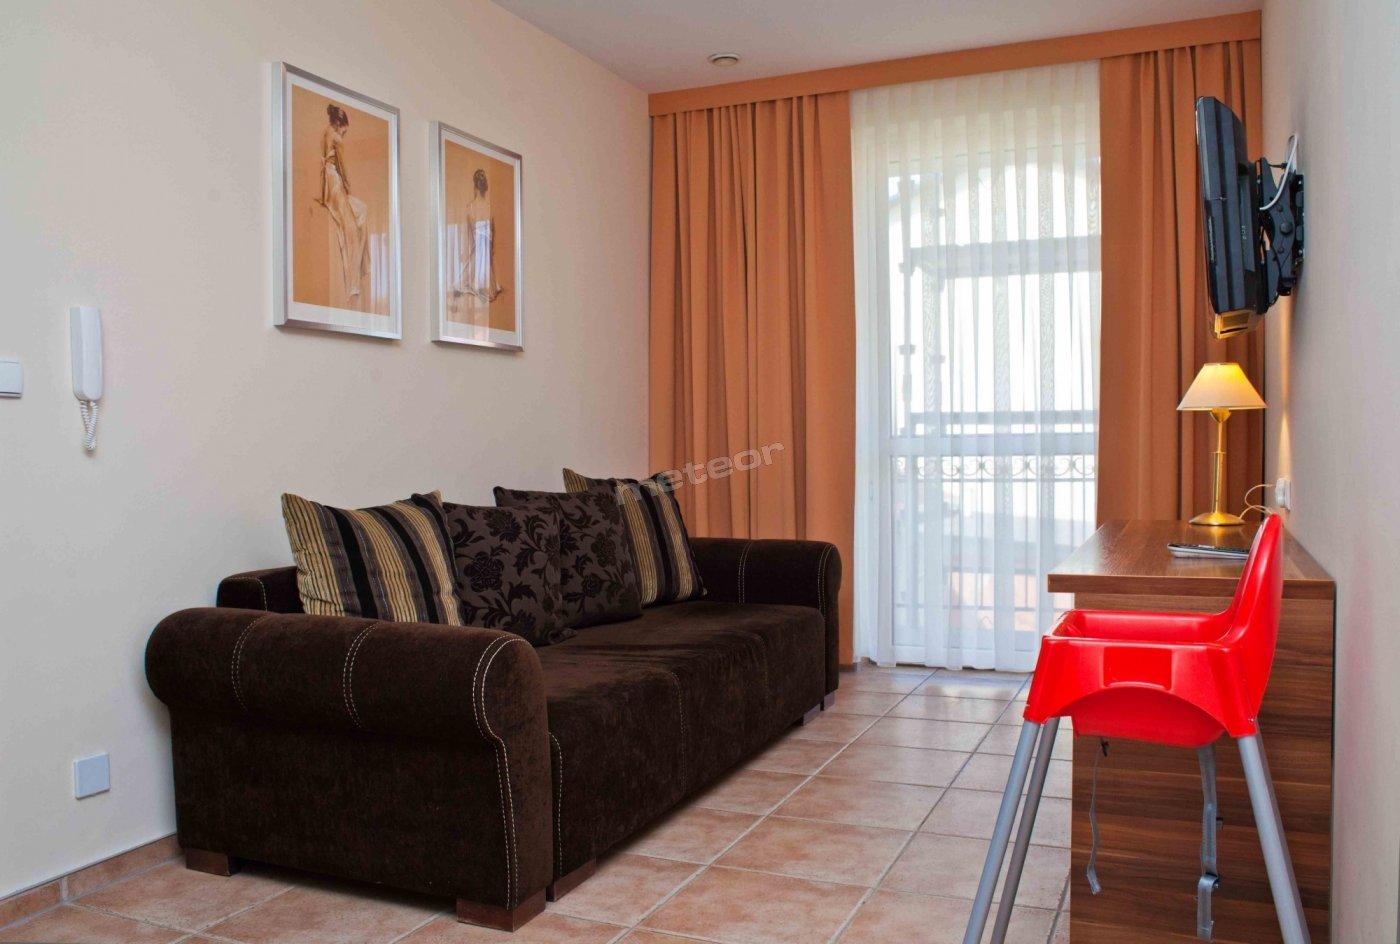 salon z dużą dwuosobową kanapą